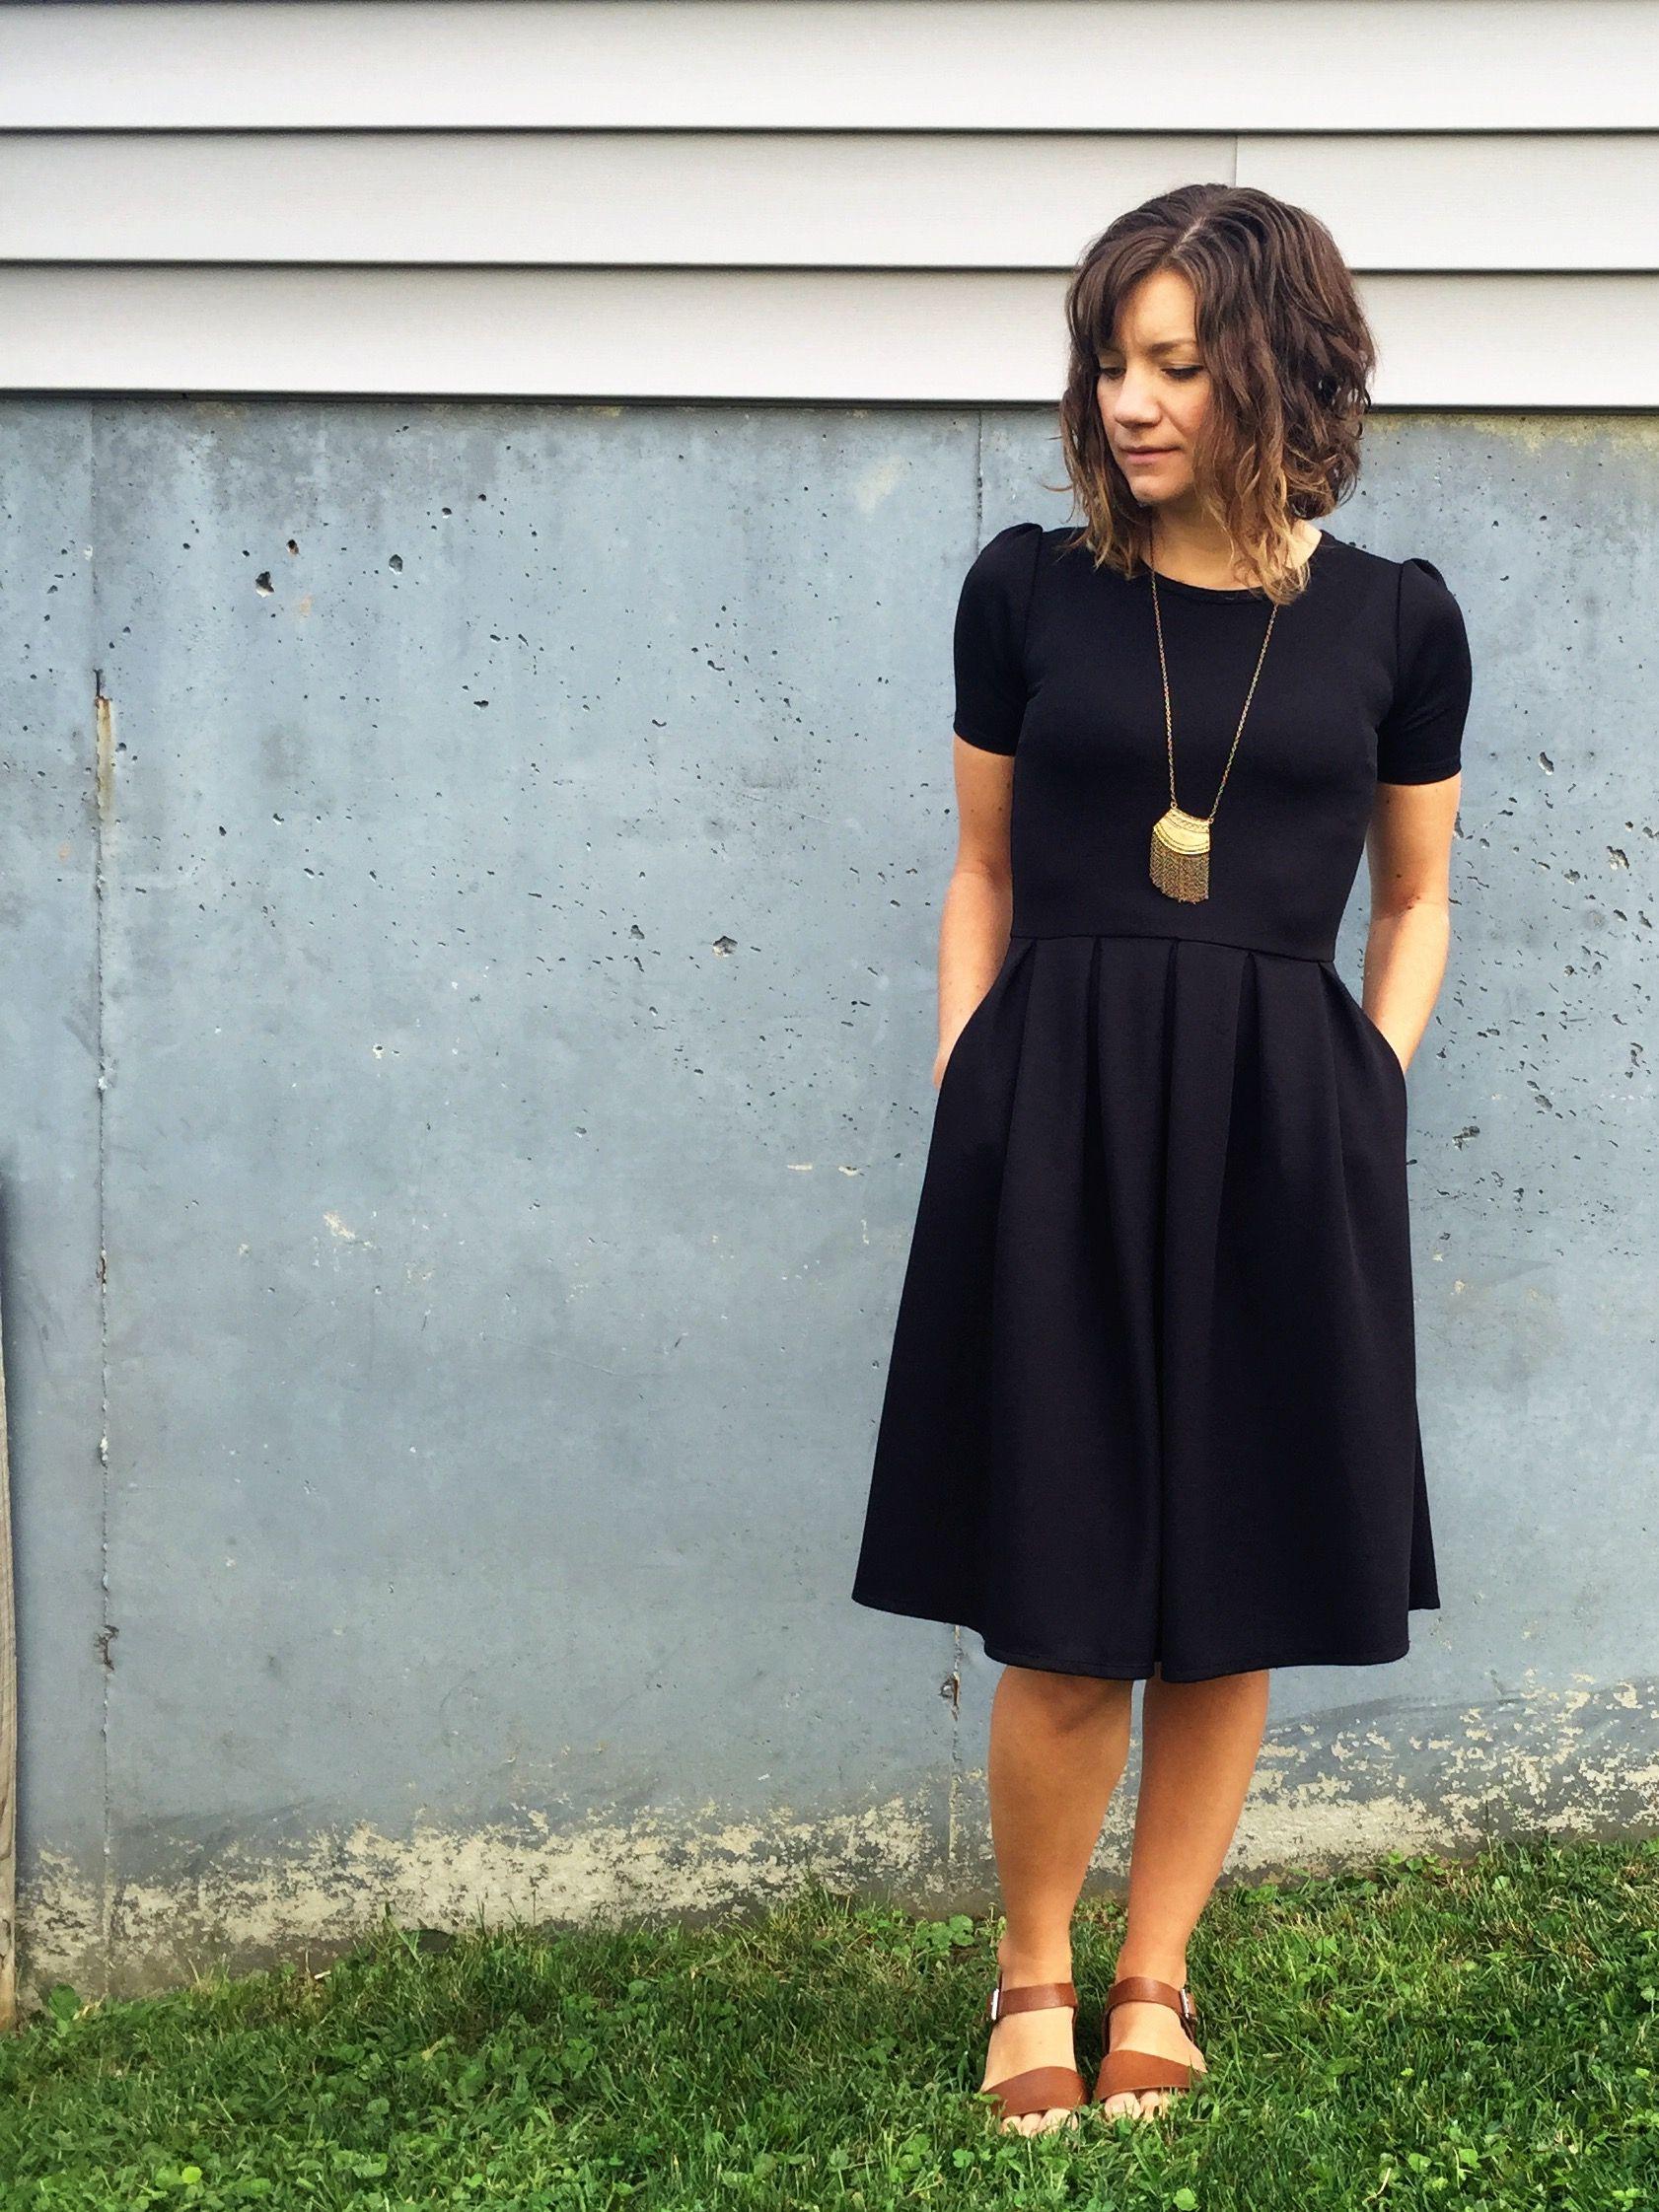 19++ Black amelia dress lularoe ideas in 2021